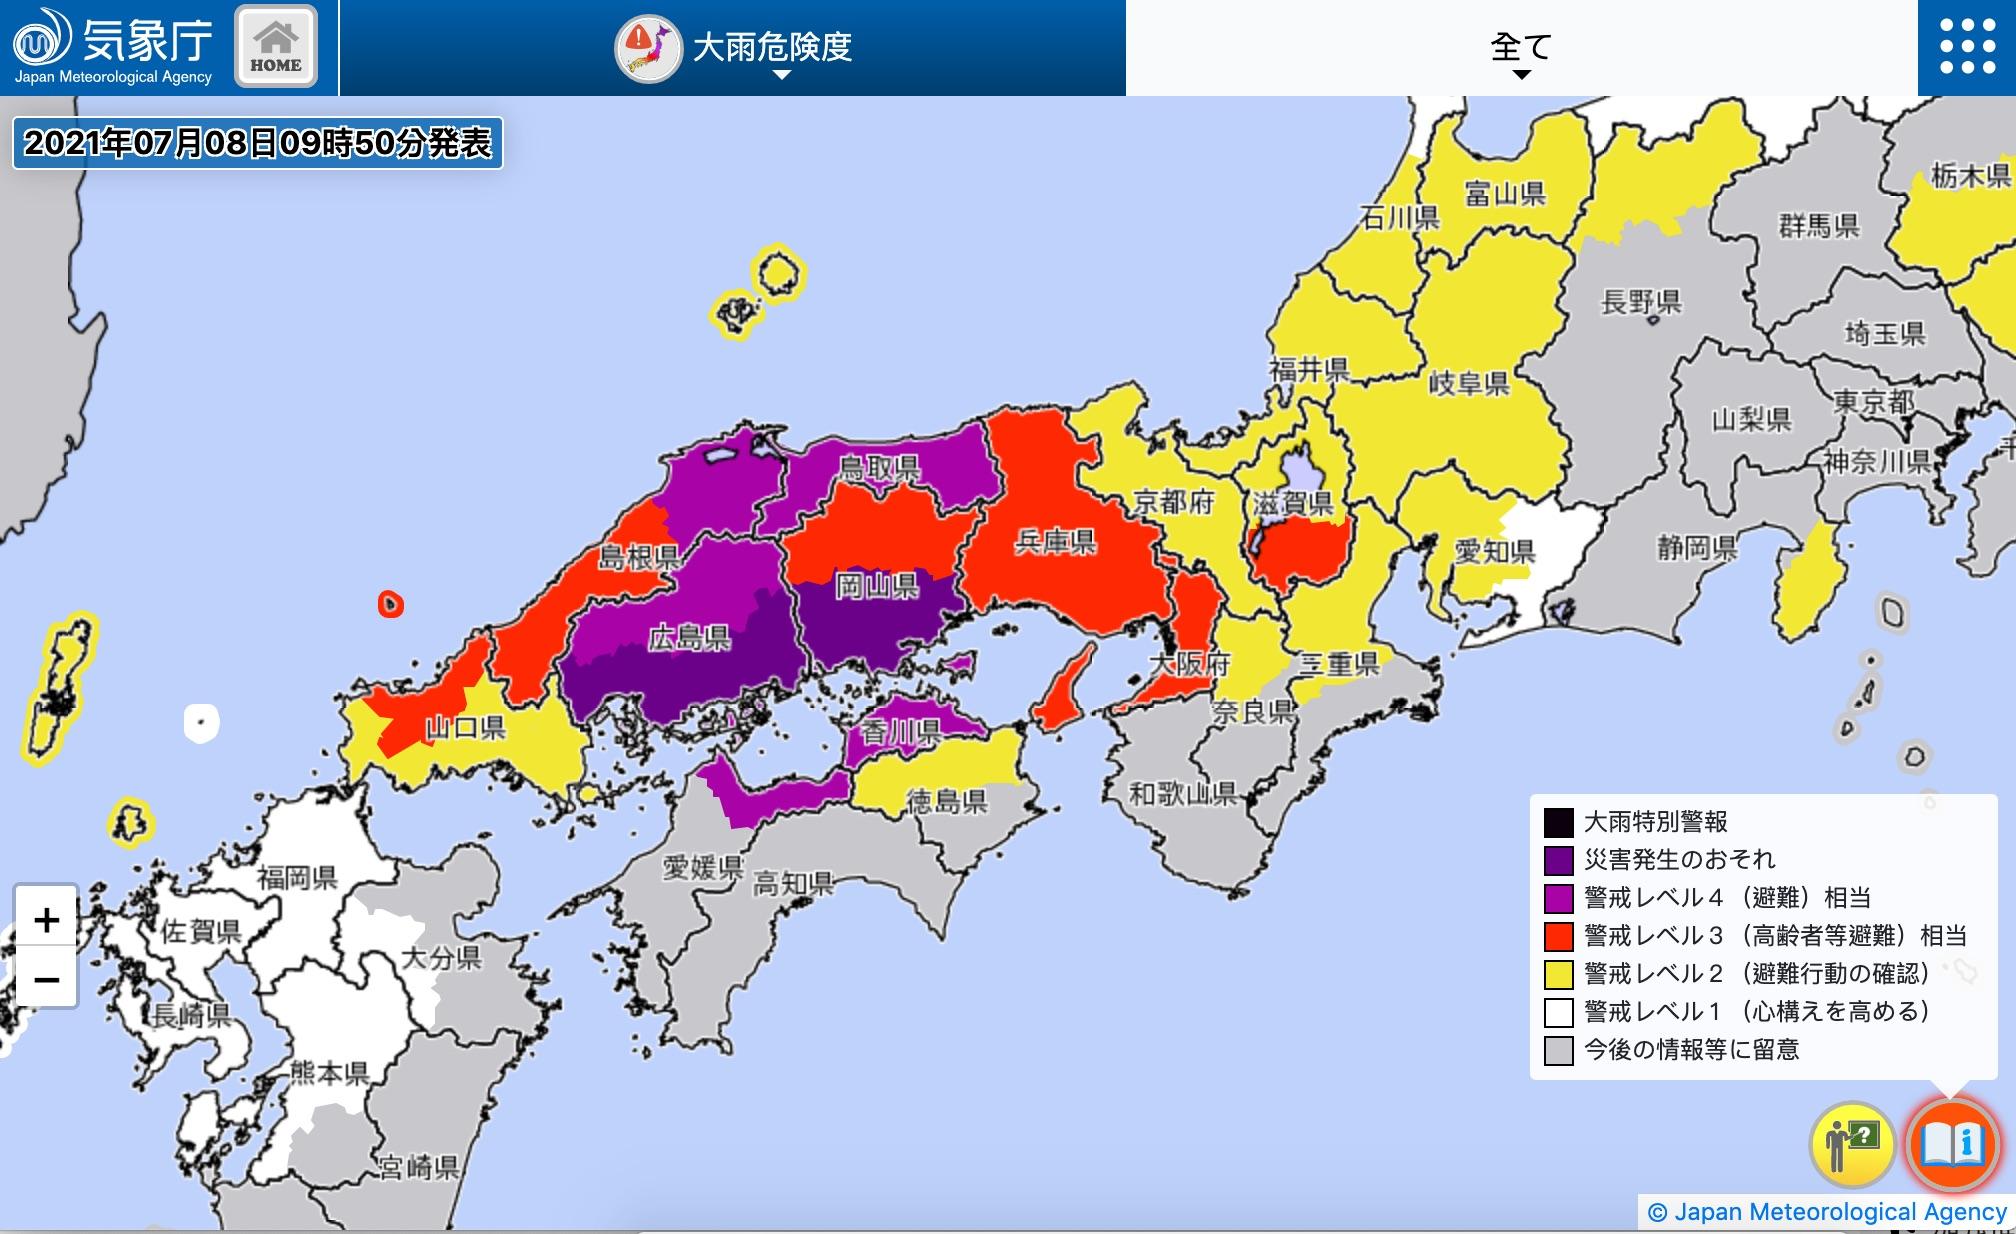 日本危險警戒-大雨危險度